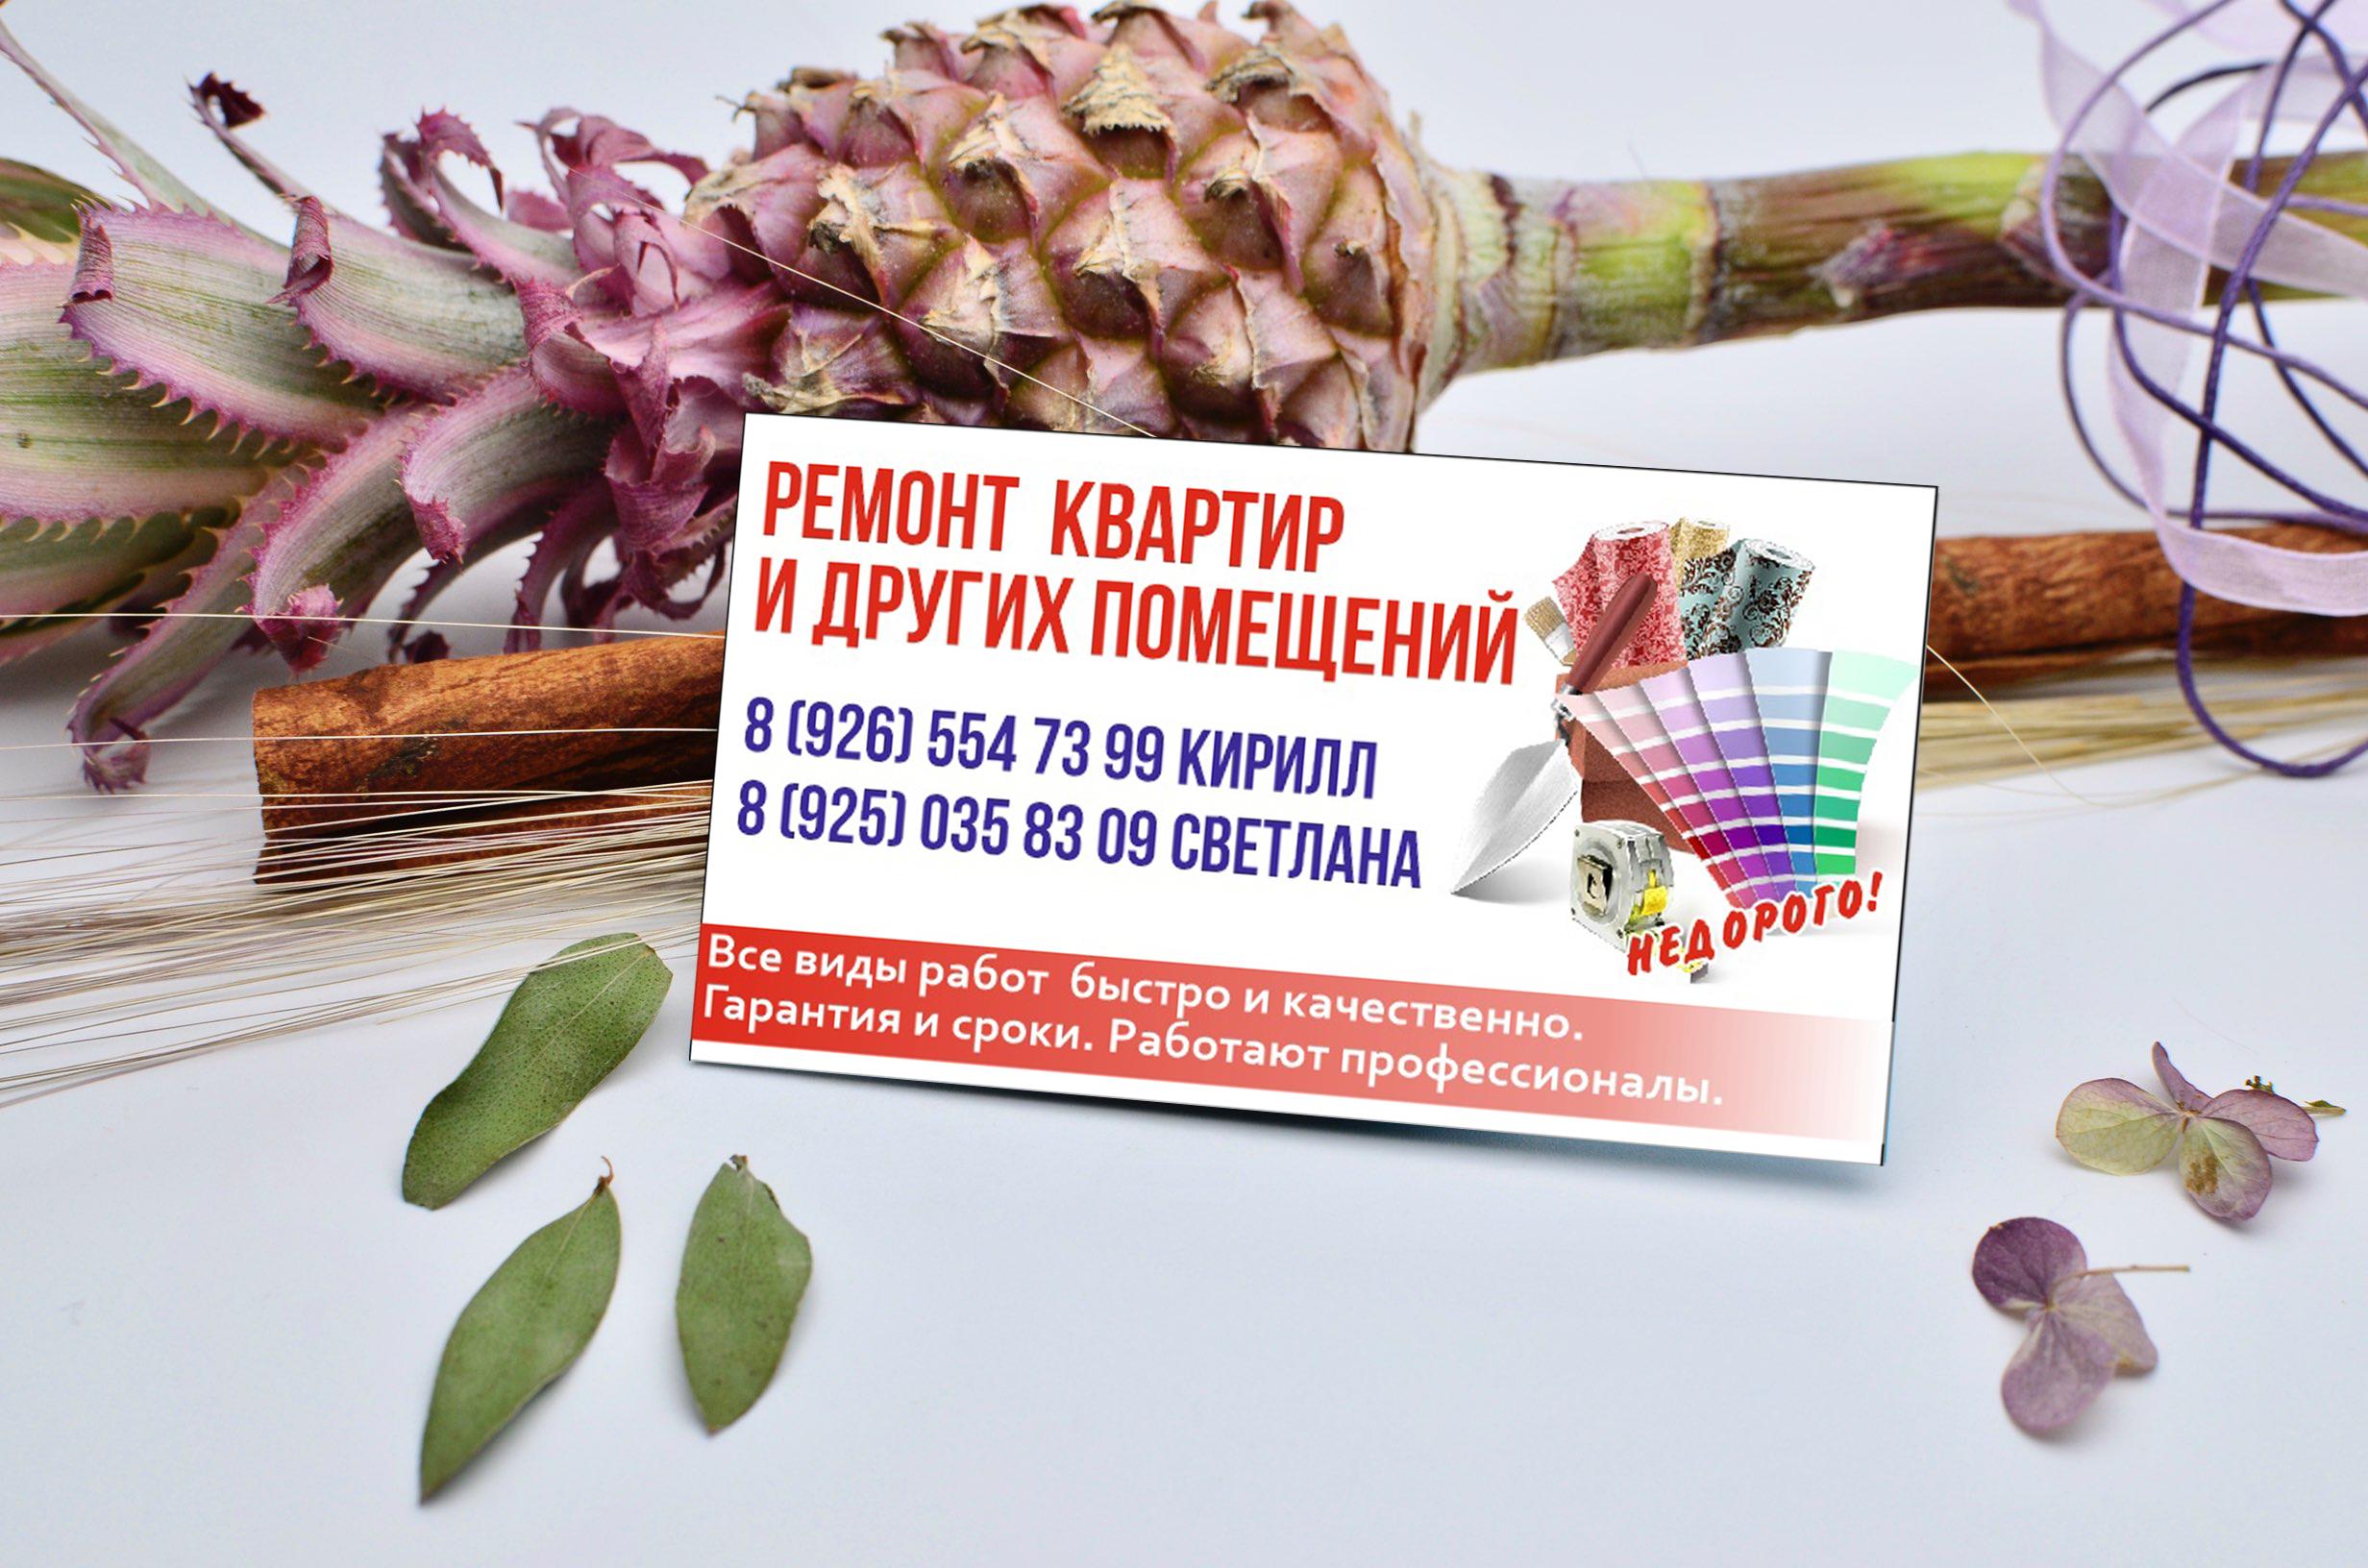 http://images.vfl.ru/ii/1517682746/3de44a0d/20434216.png